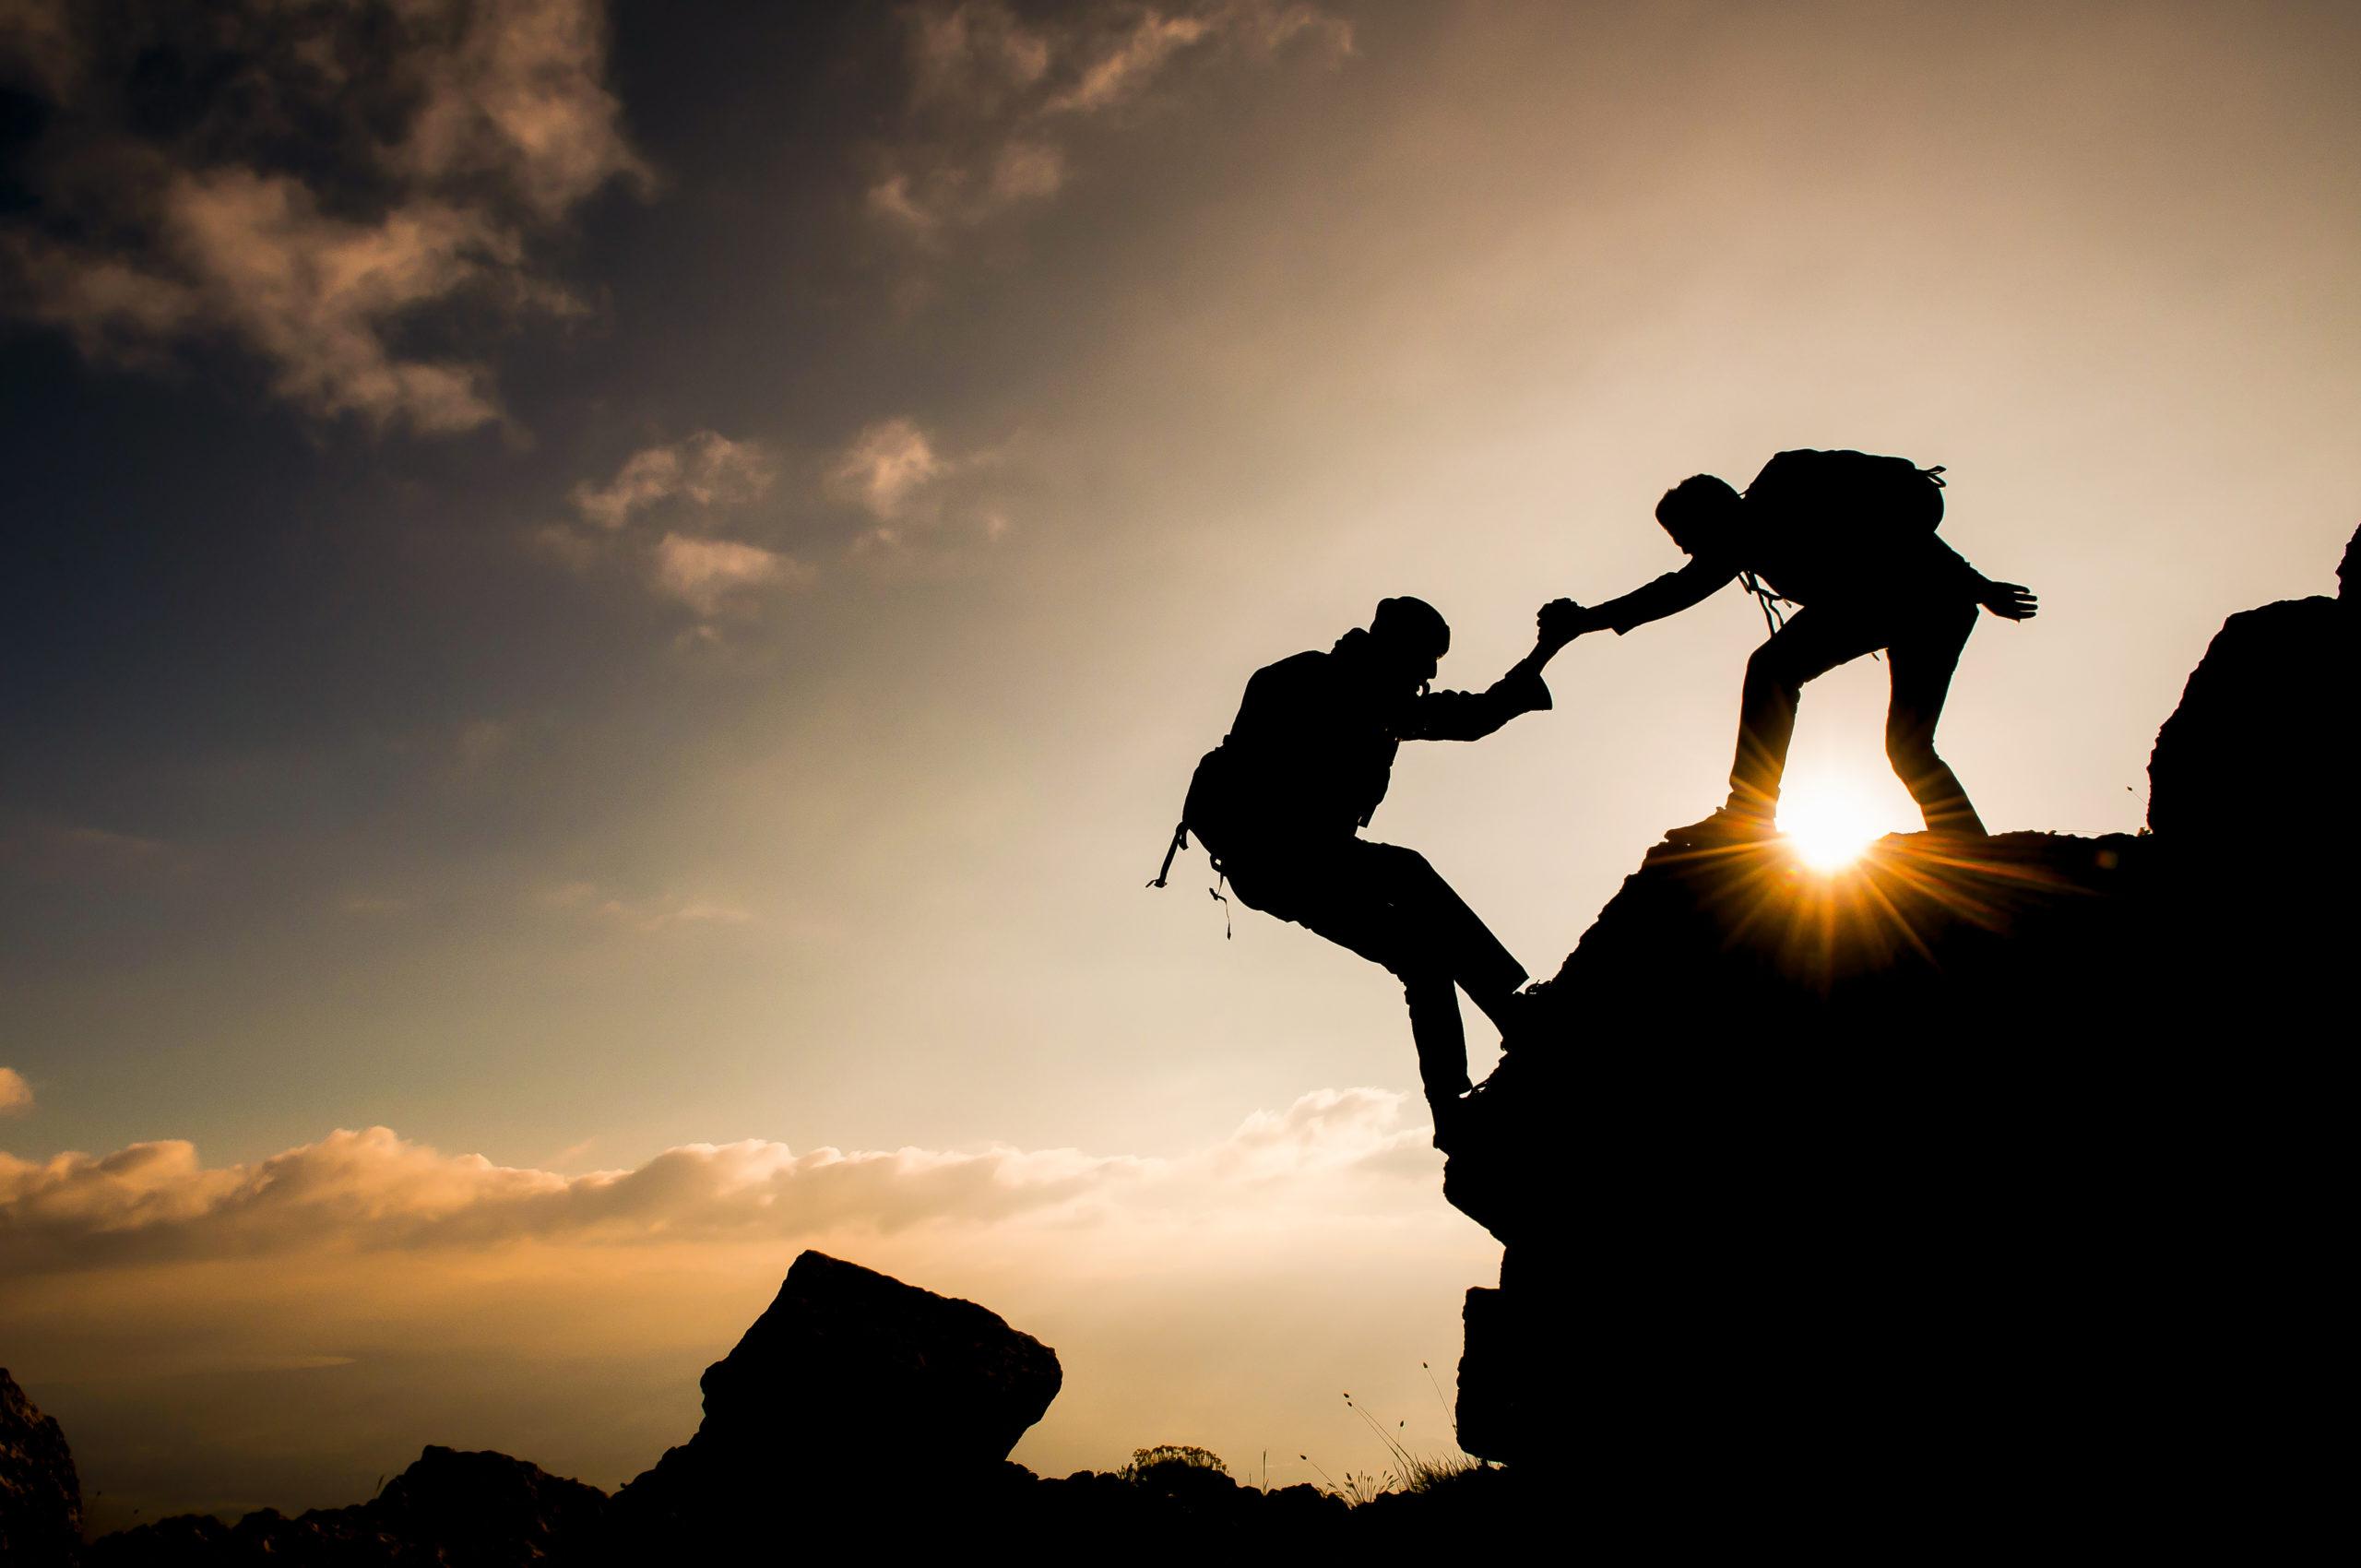 desteklemek&yardımcı olmak&dayanışma ruhu